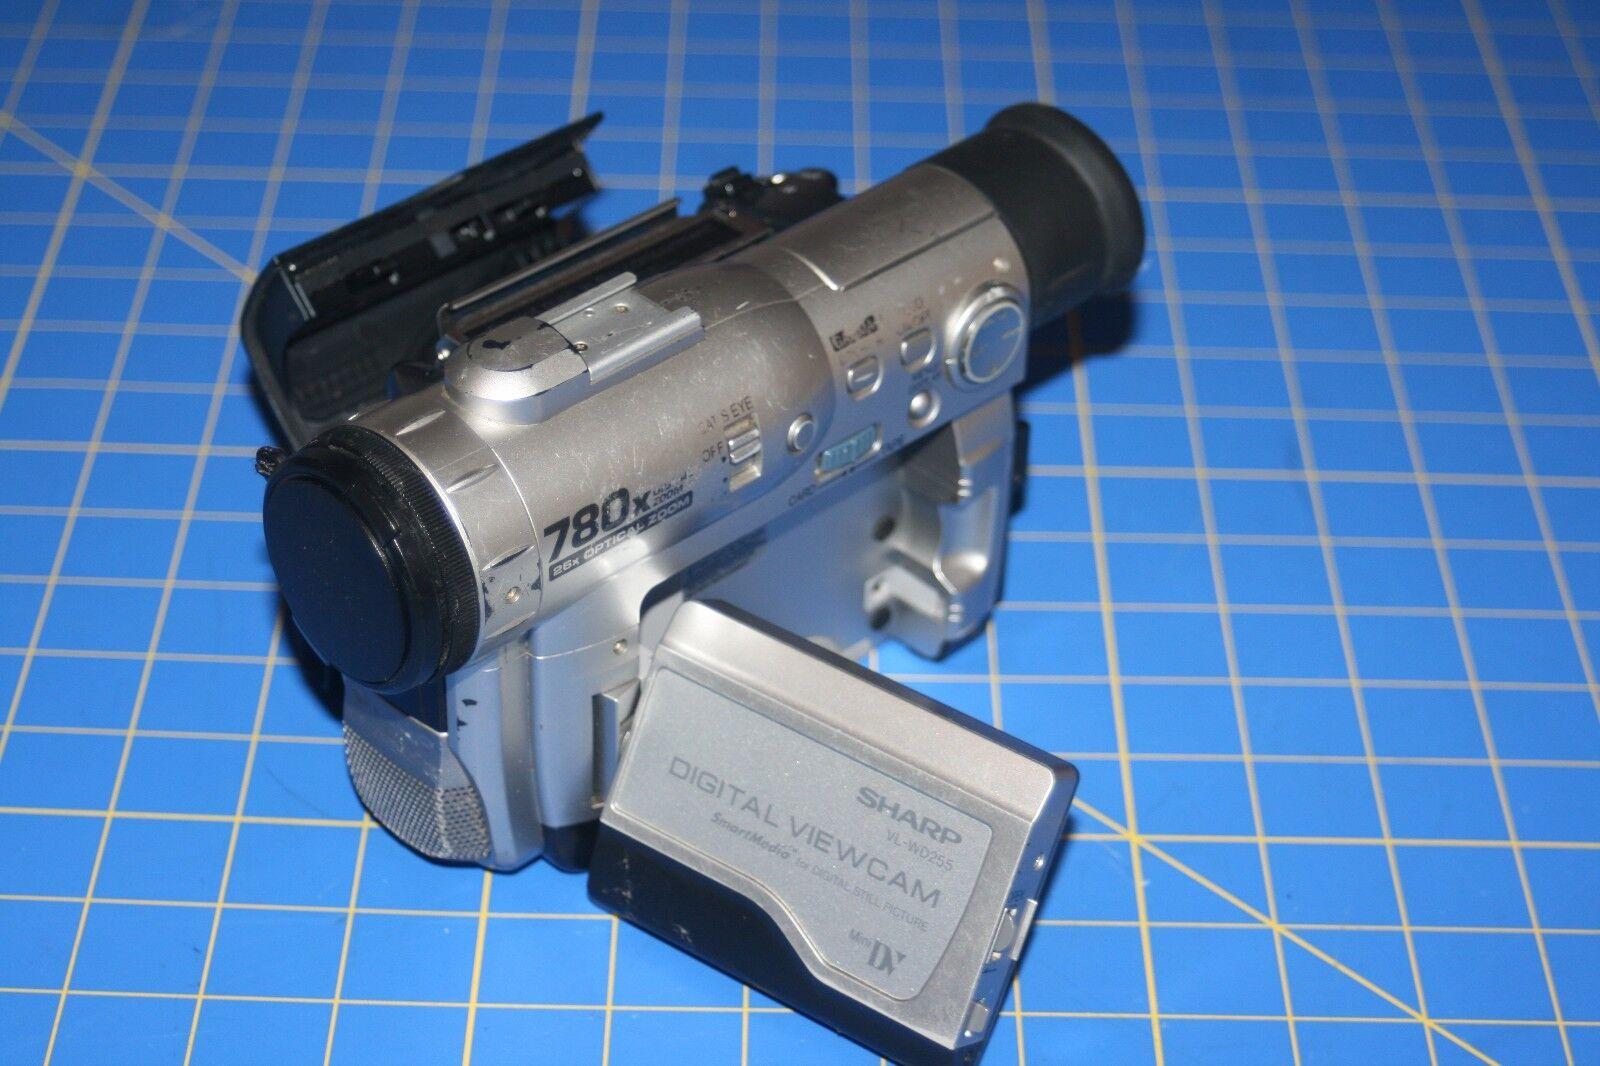 Lampe de Poche et Feu Arri/ère Arri/ère sharprepublic /Éclairage de V/élo Rechargeable par USB /éclairage de V/élo Avant et Arri/ère